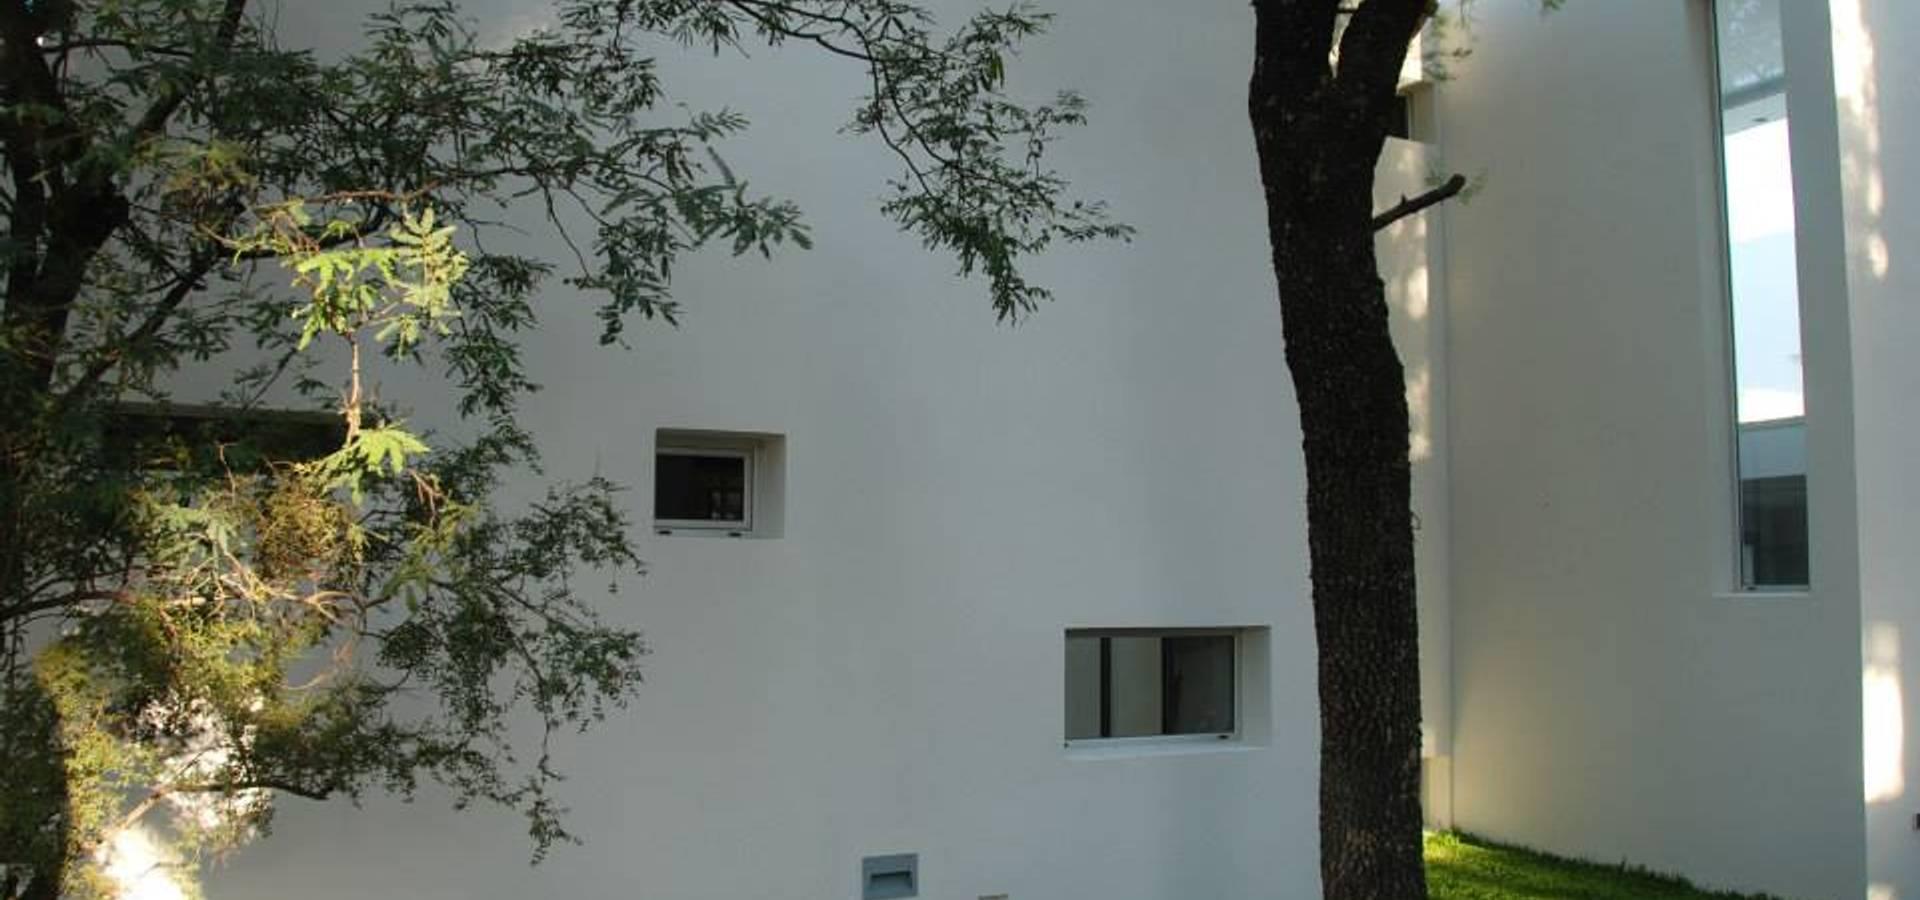 Fkb arquitectos arquitectos en c rdoba homify for Arquitectos en cordoba